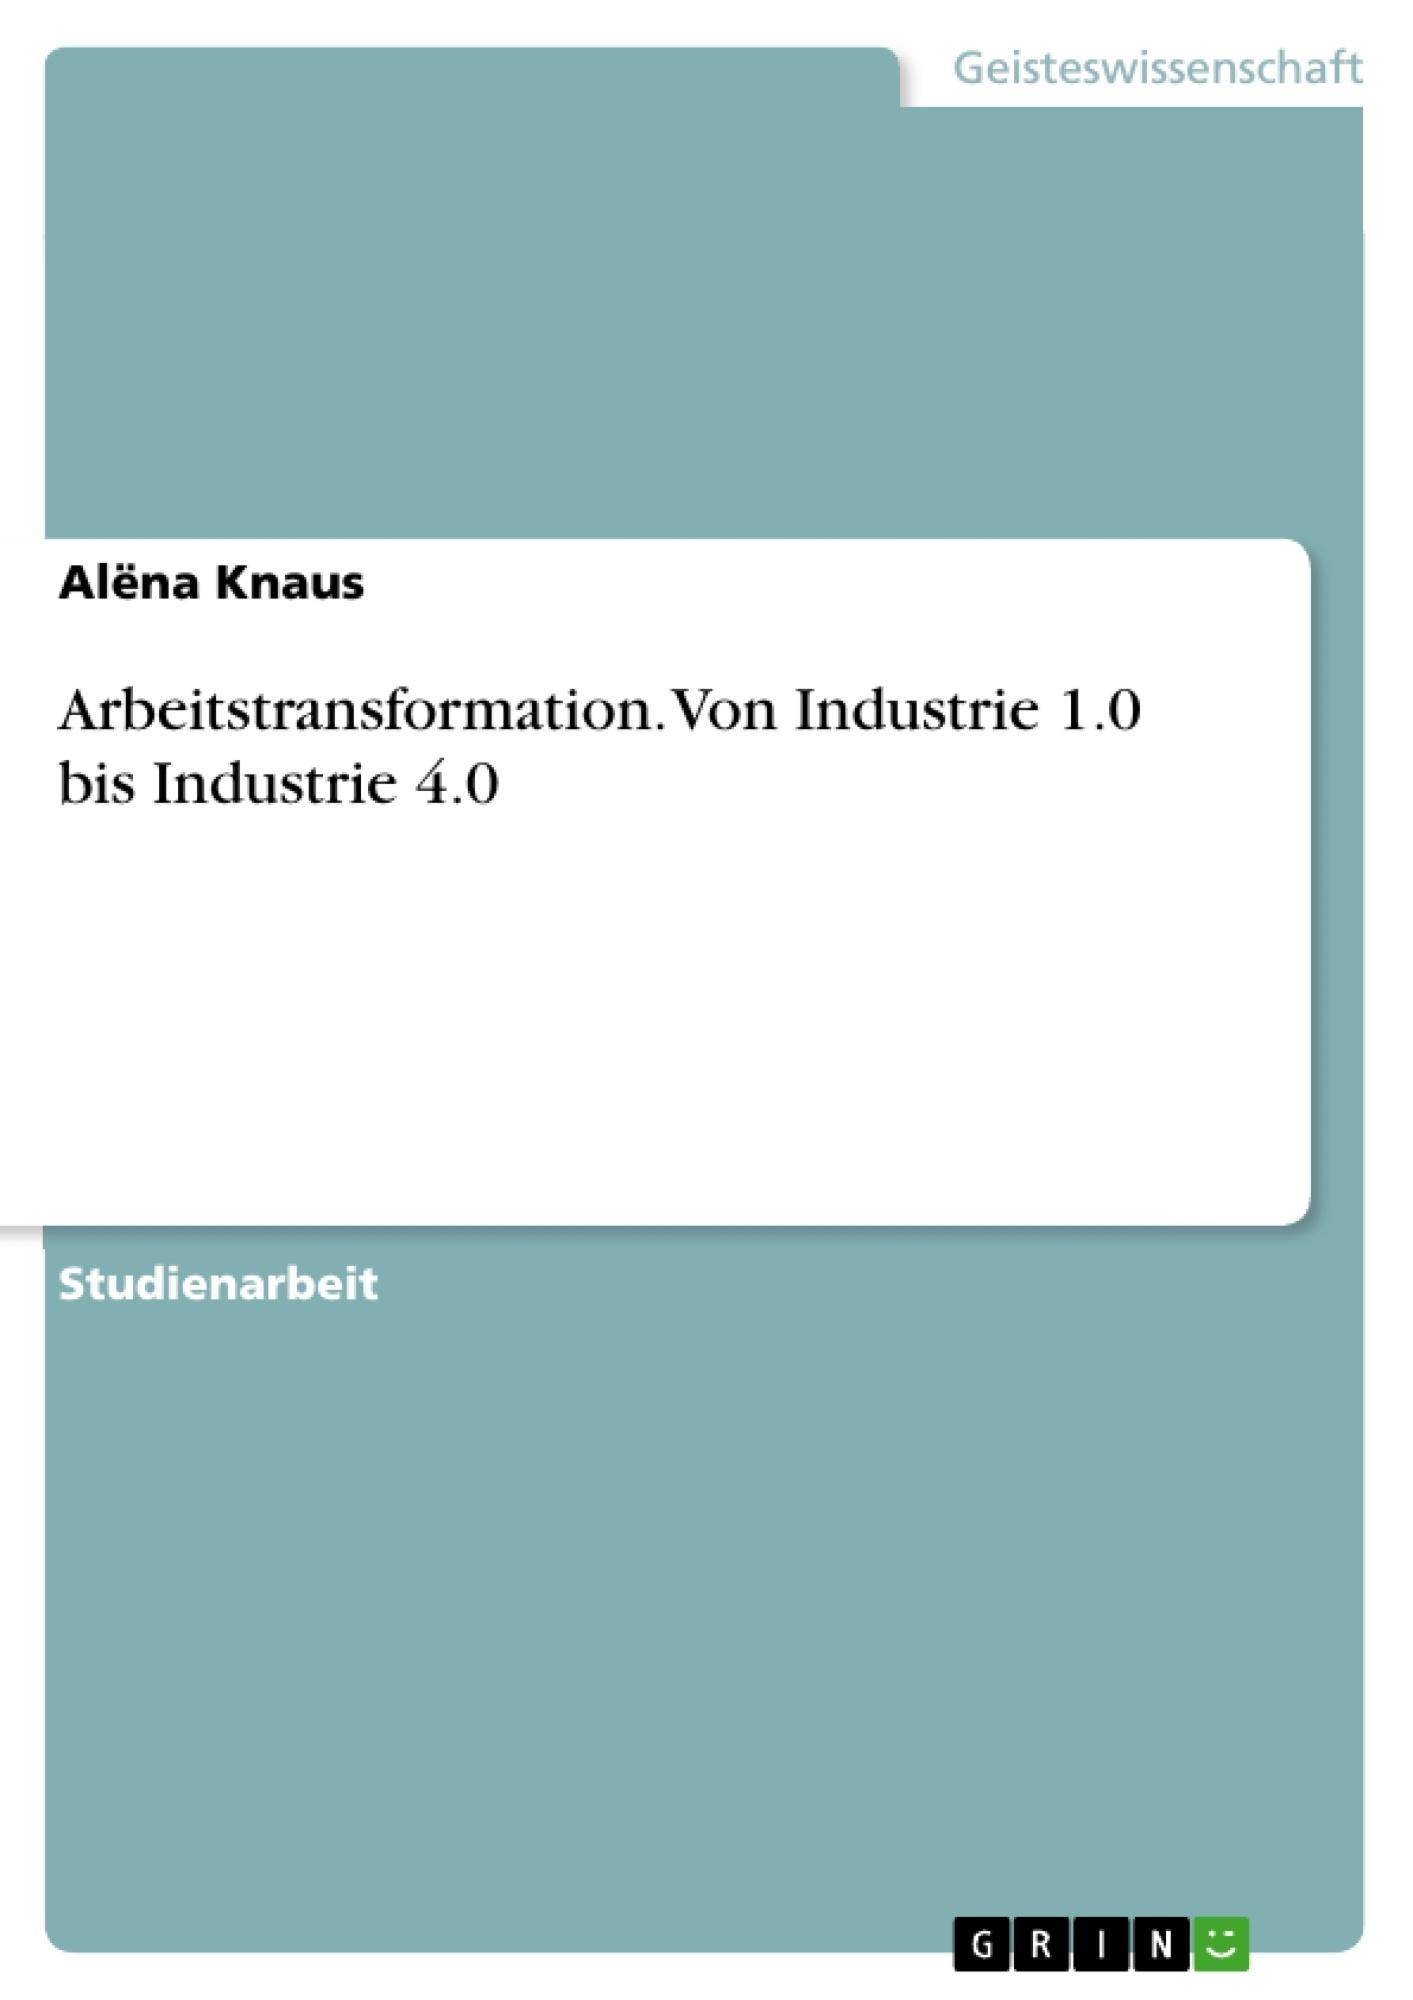 Titel: Arbeitstransformation. Von Industrie 1.0 bis Industrie 4.0